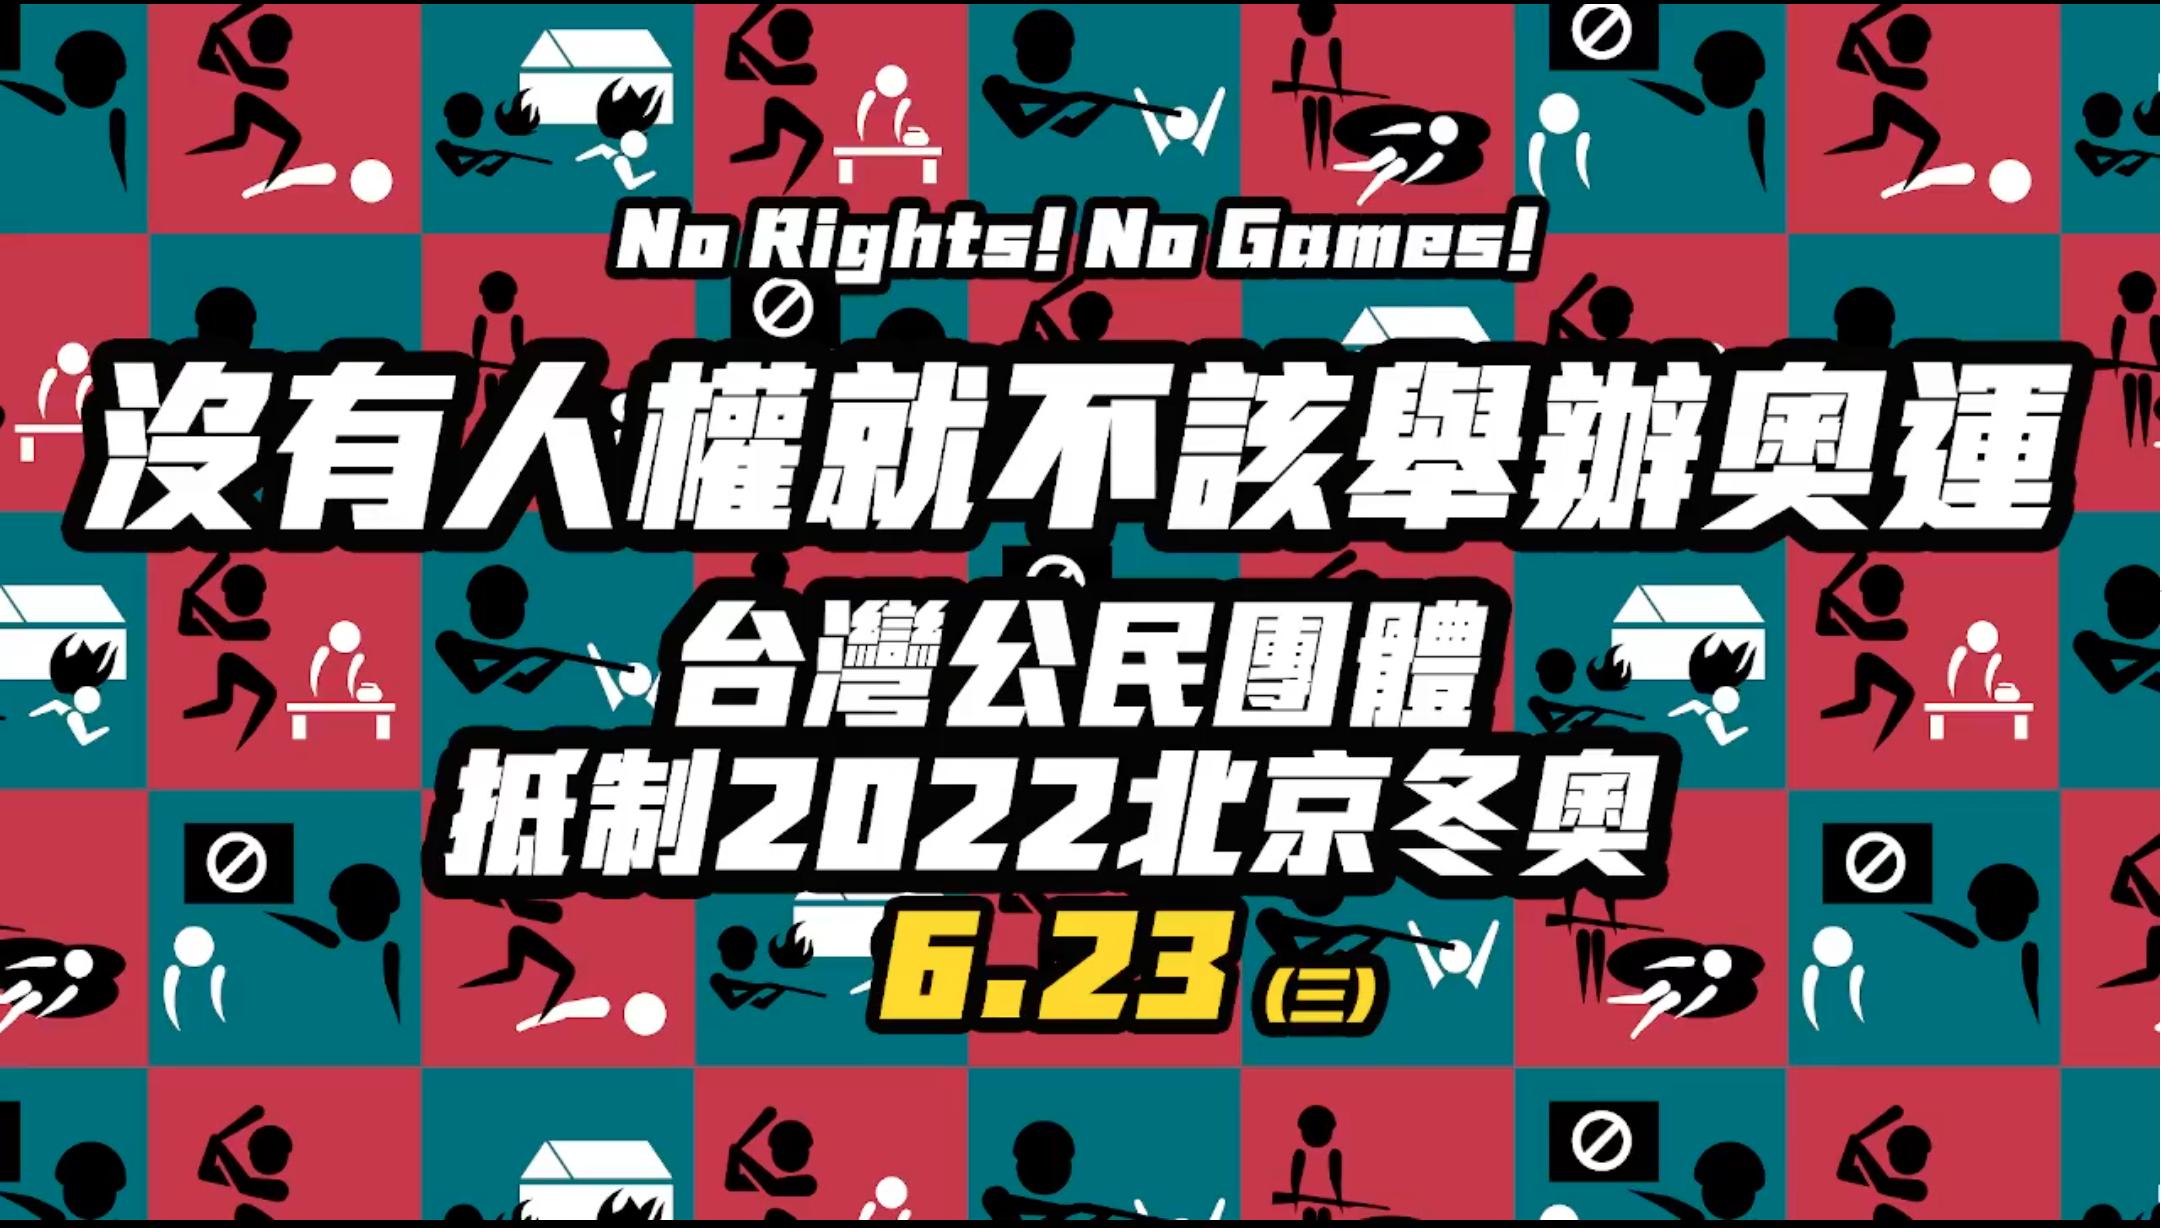 台灣公民團體「抵制2022北京冬奧,2021全球行動日」記者會。 (圖/擷取自線上記者會)